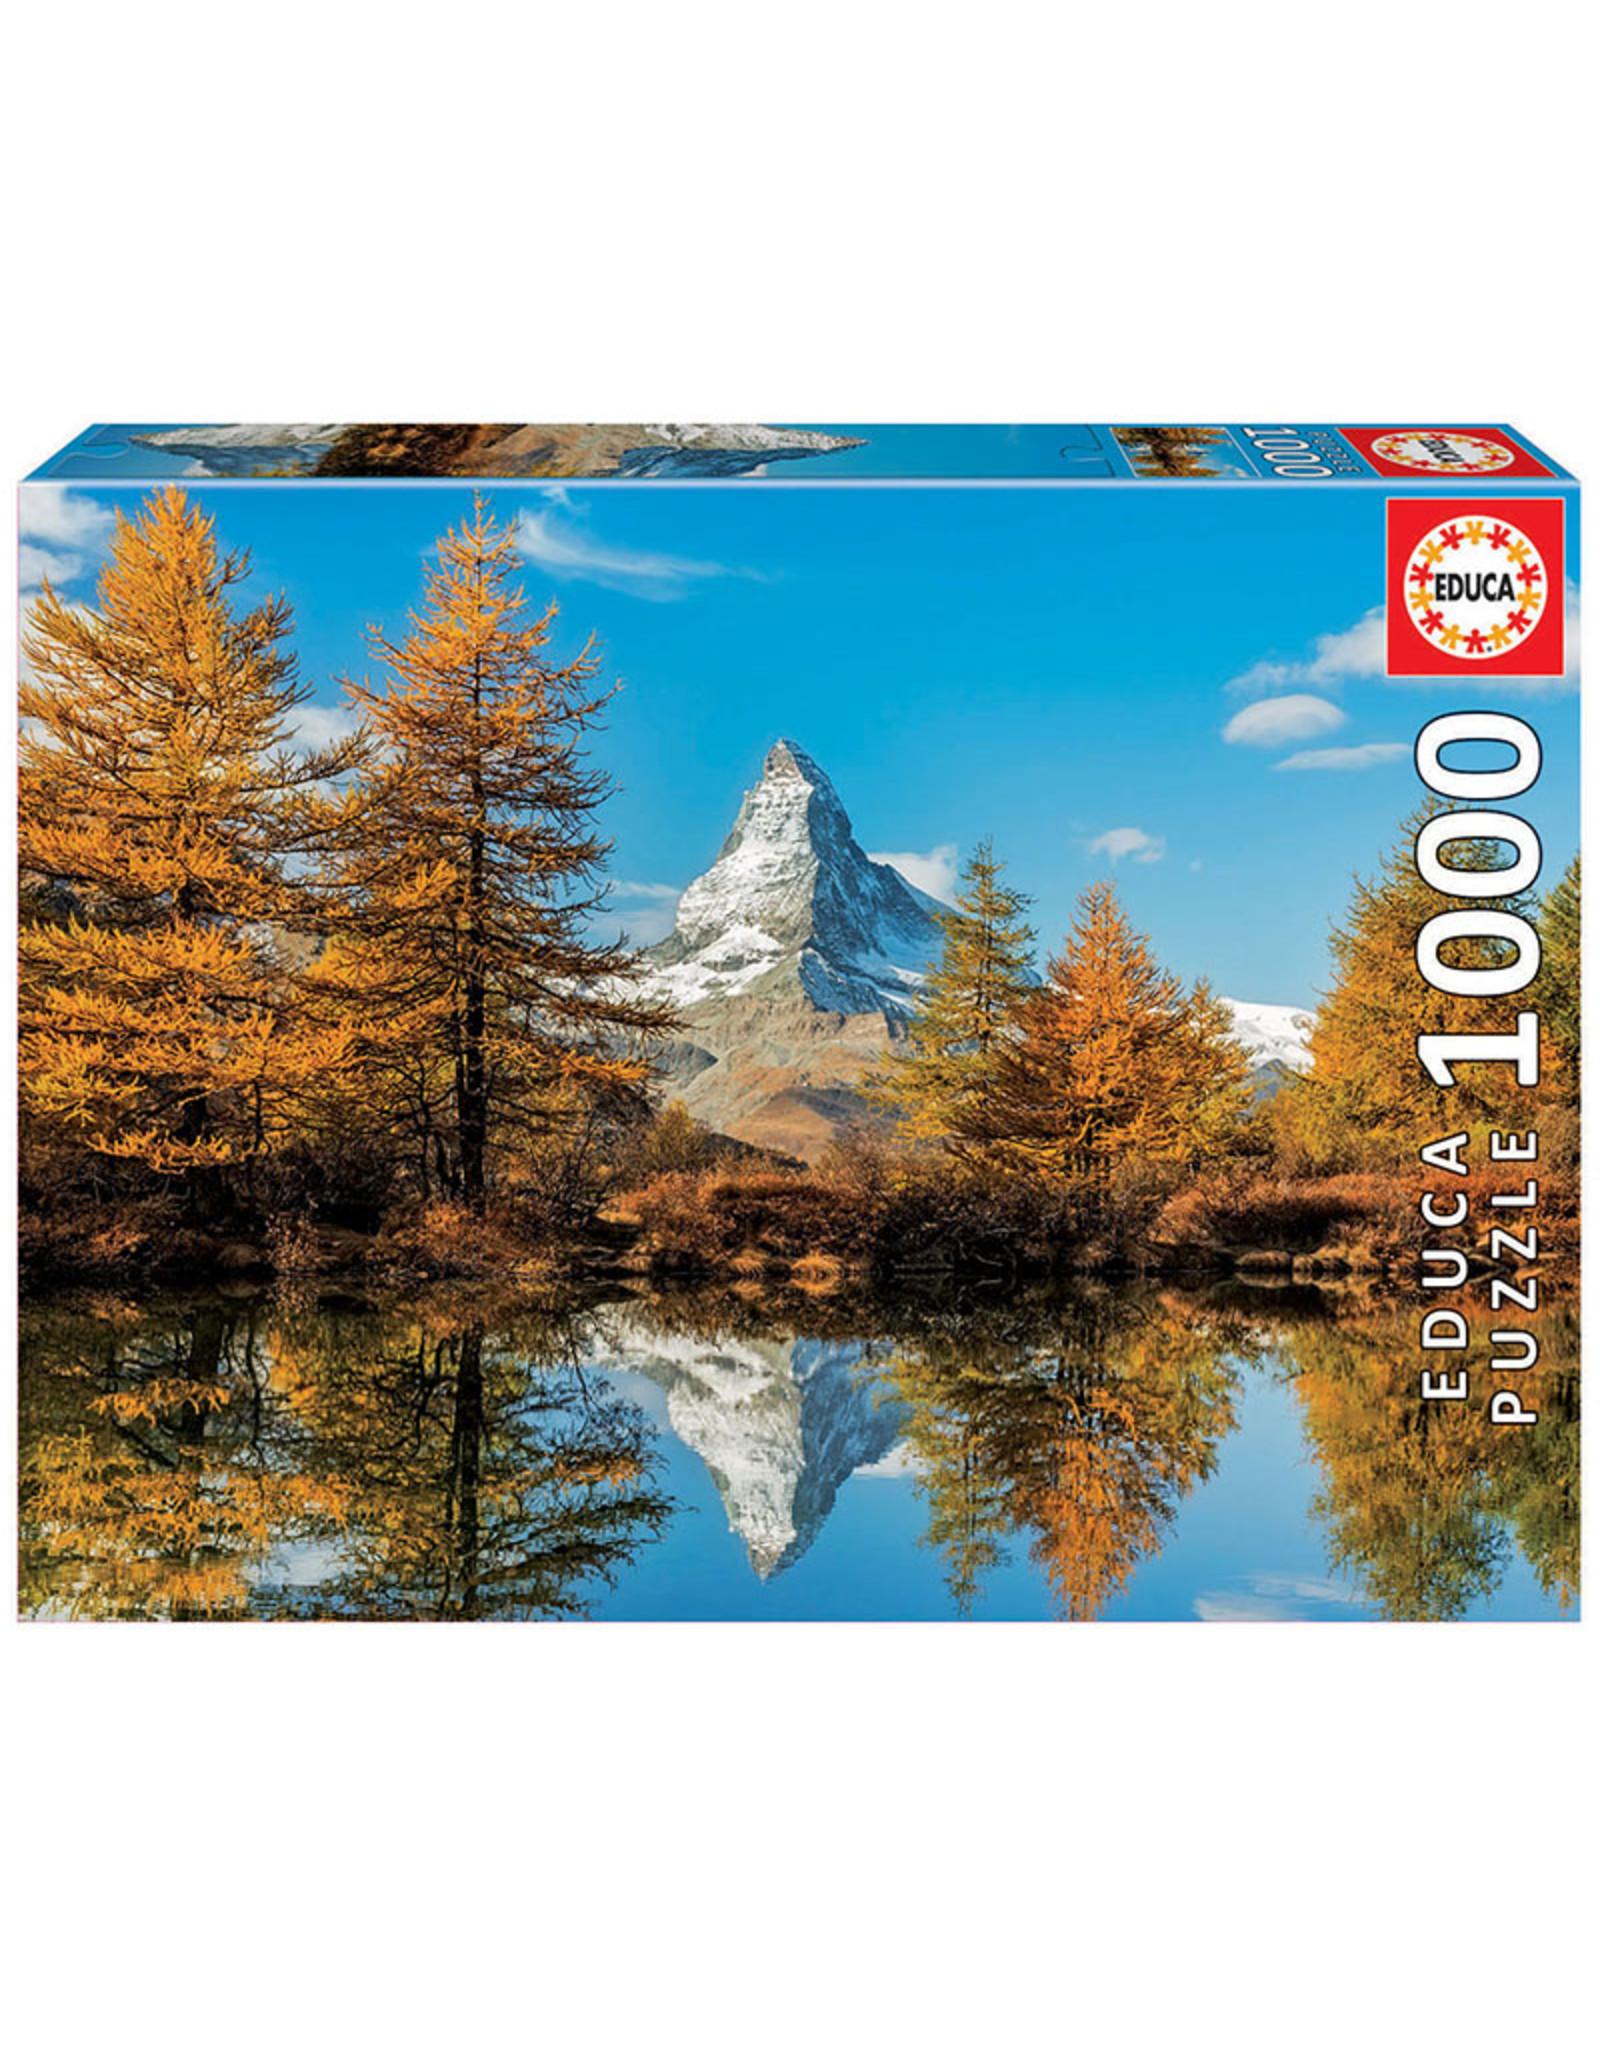 Educa Matterhorn Mountain in Autumn - 1000 Piece Puzzle